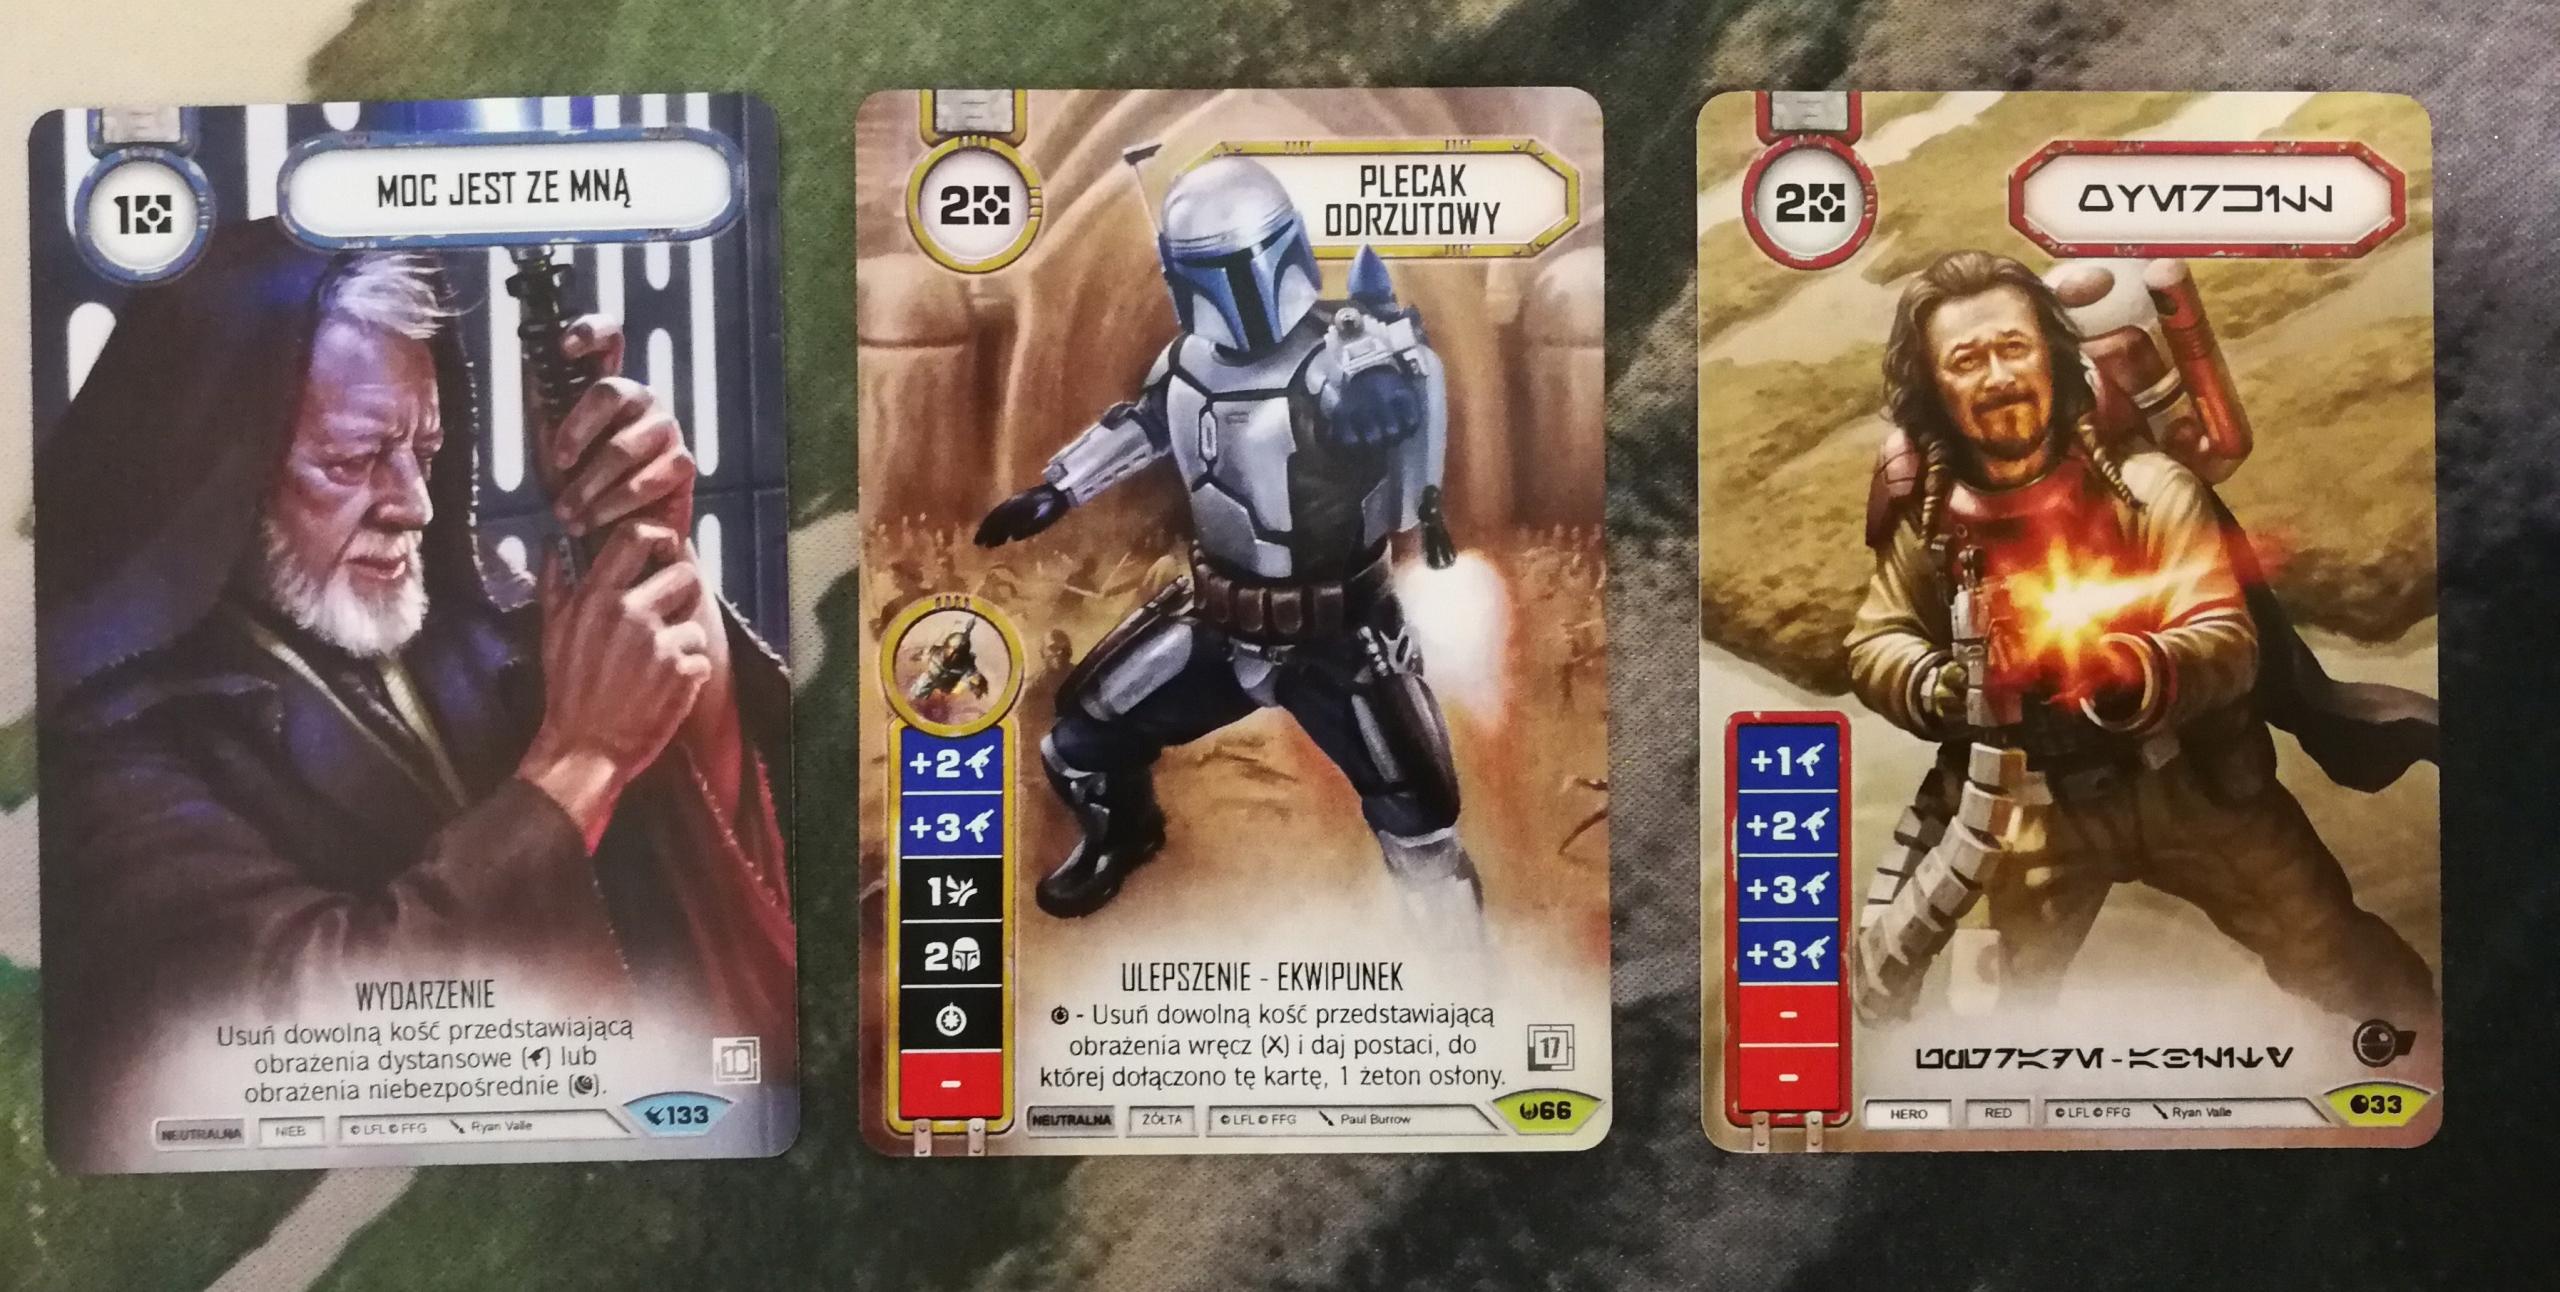 Star Wars Przeznaczenie zestaw PROMO !!!